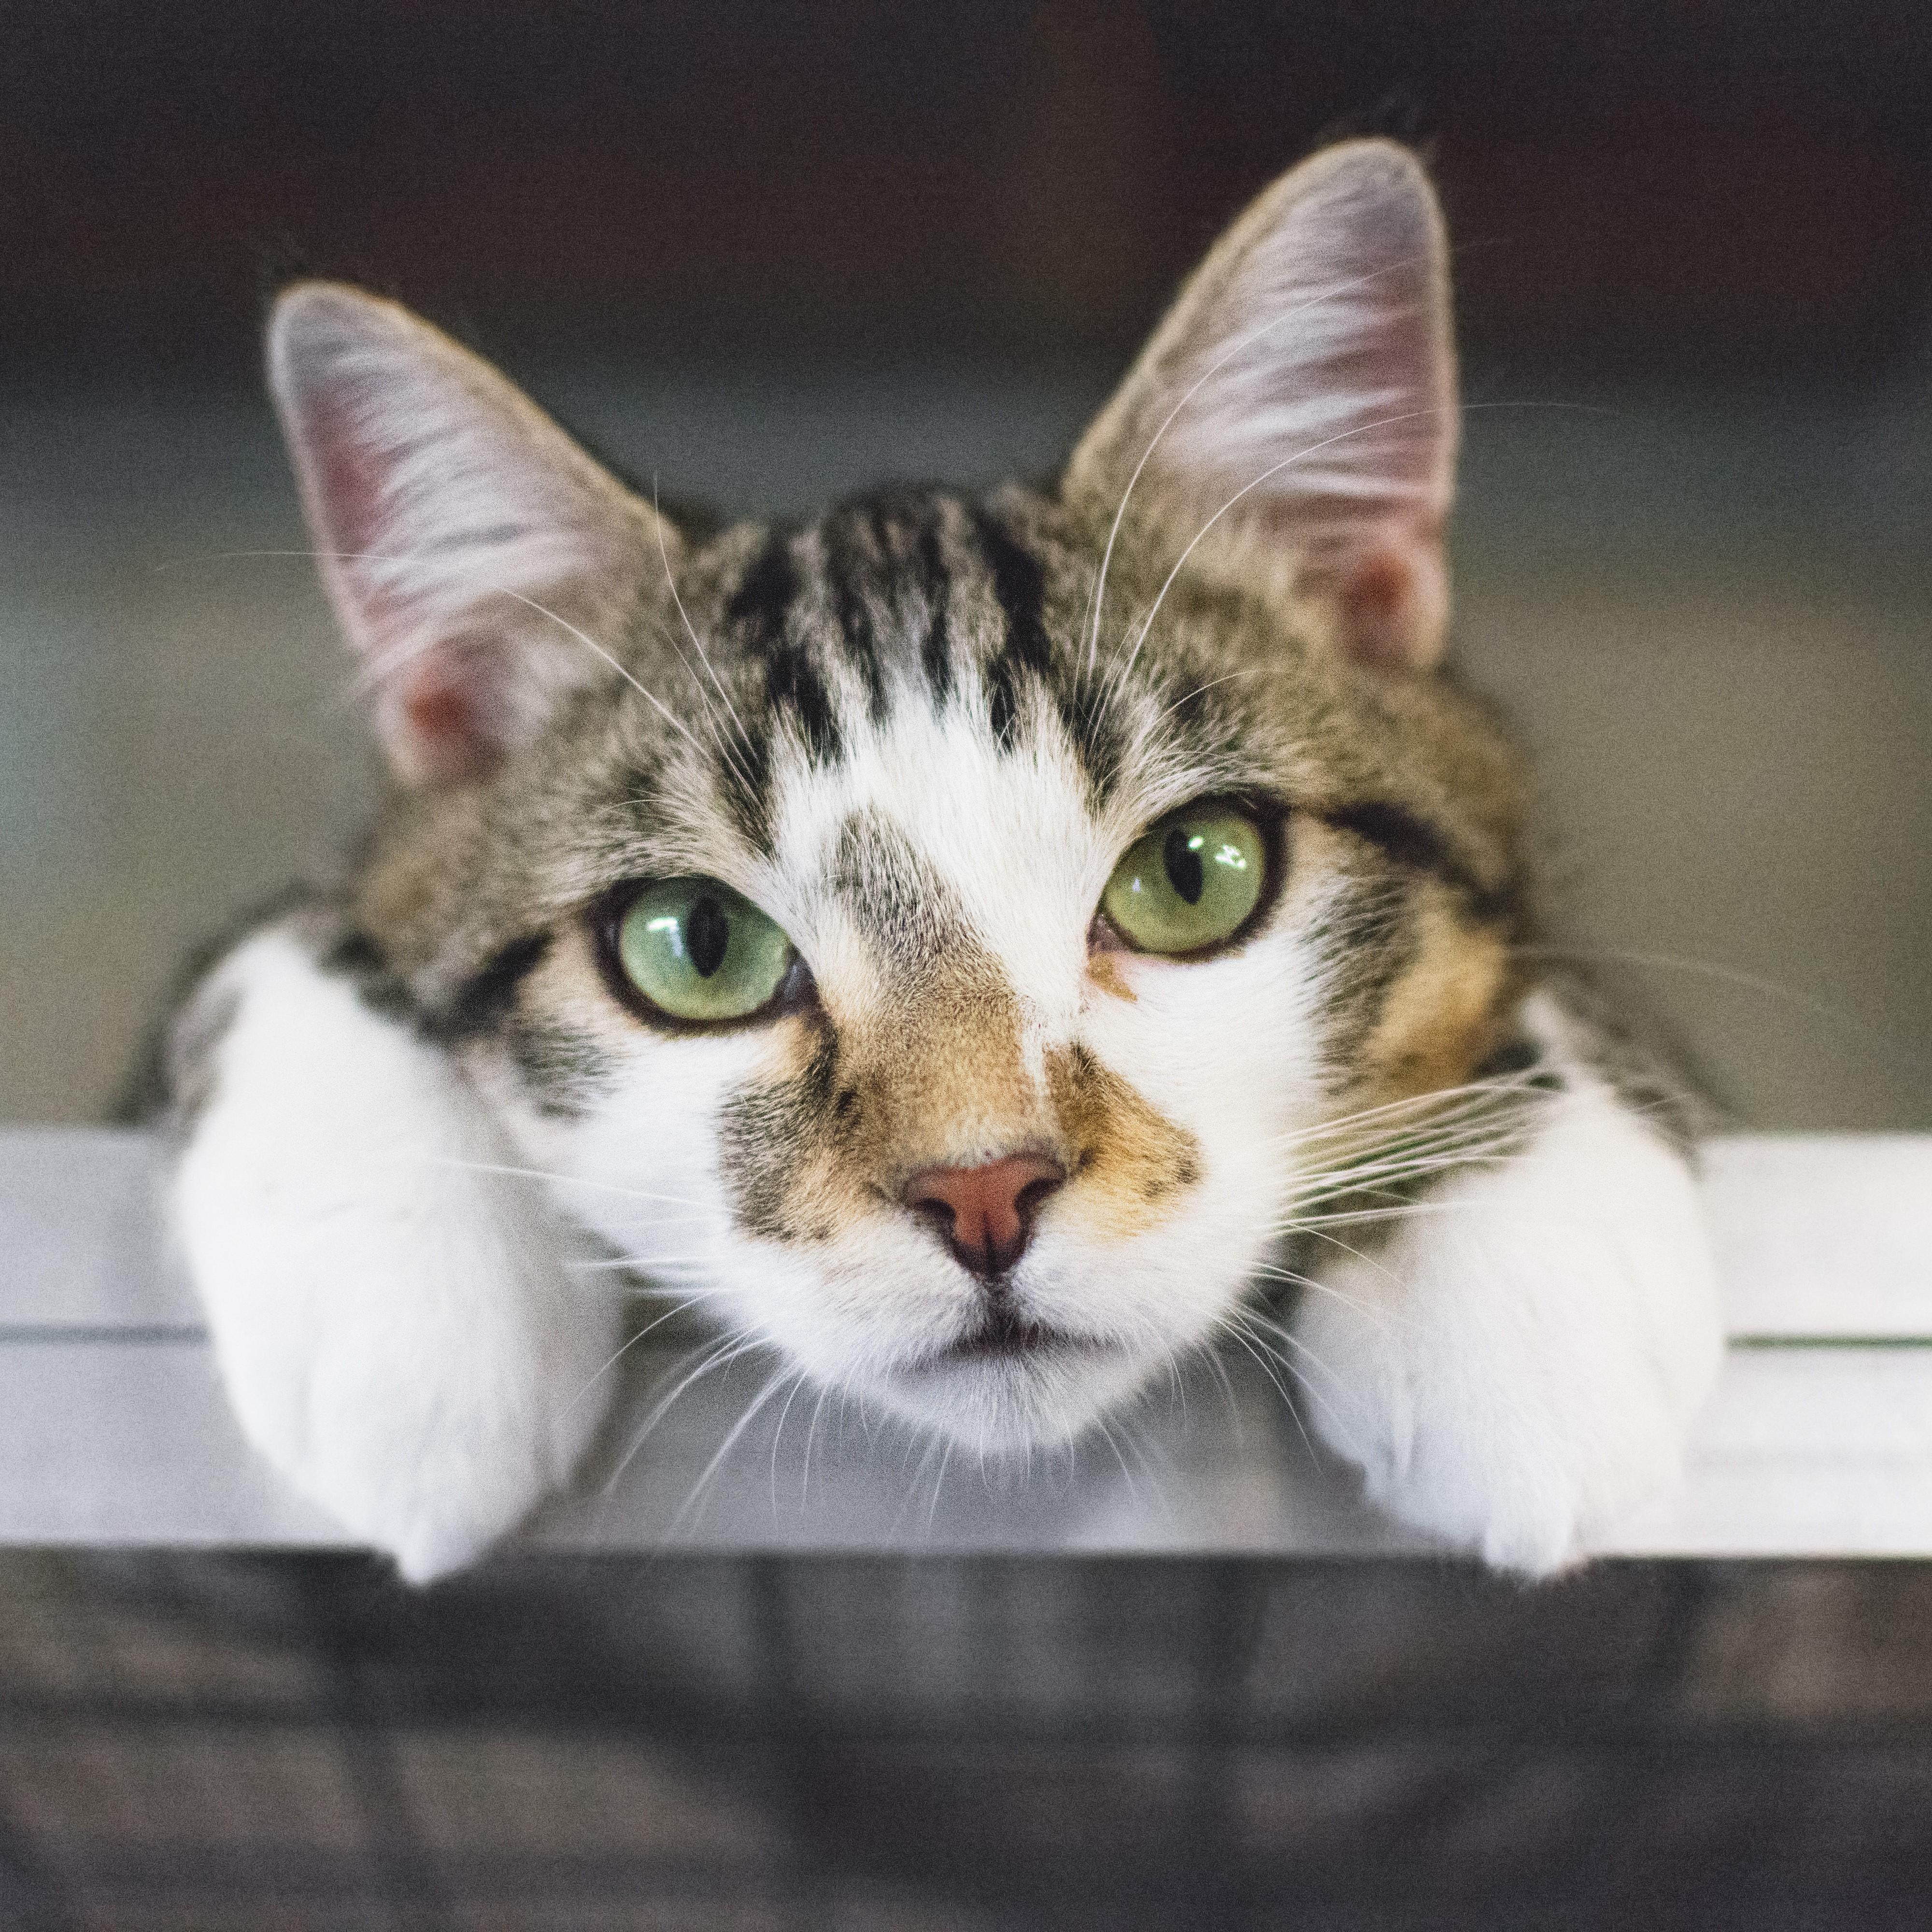 Cat at Animal Aid